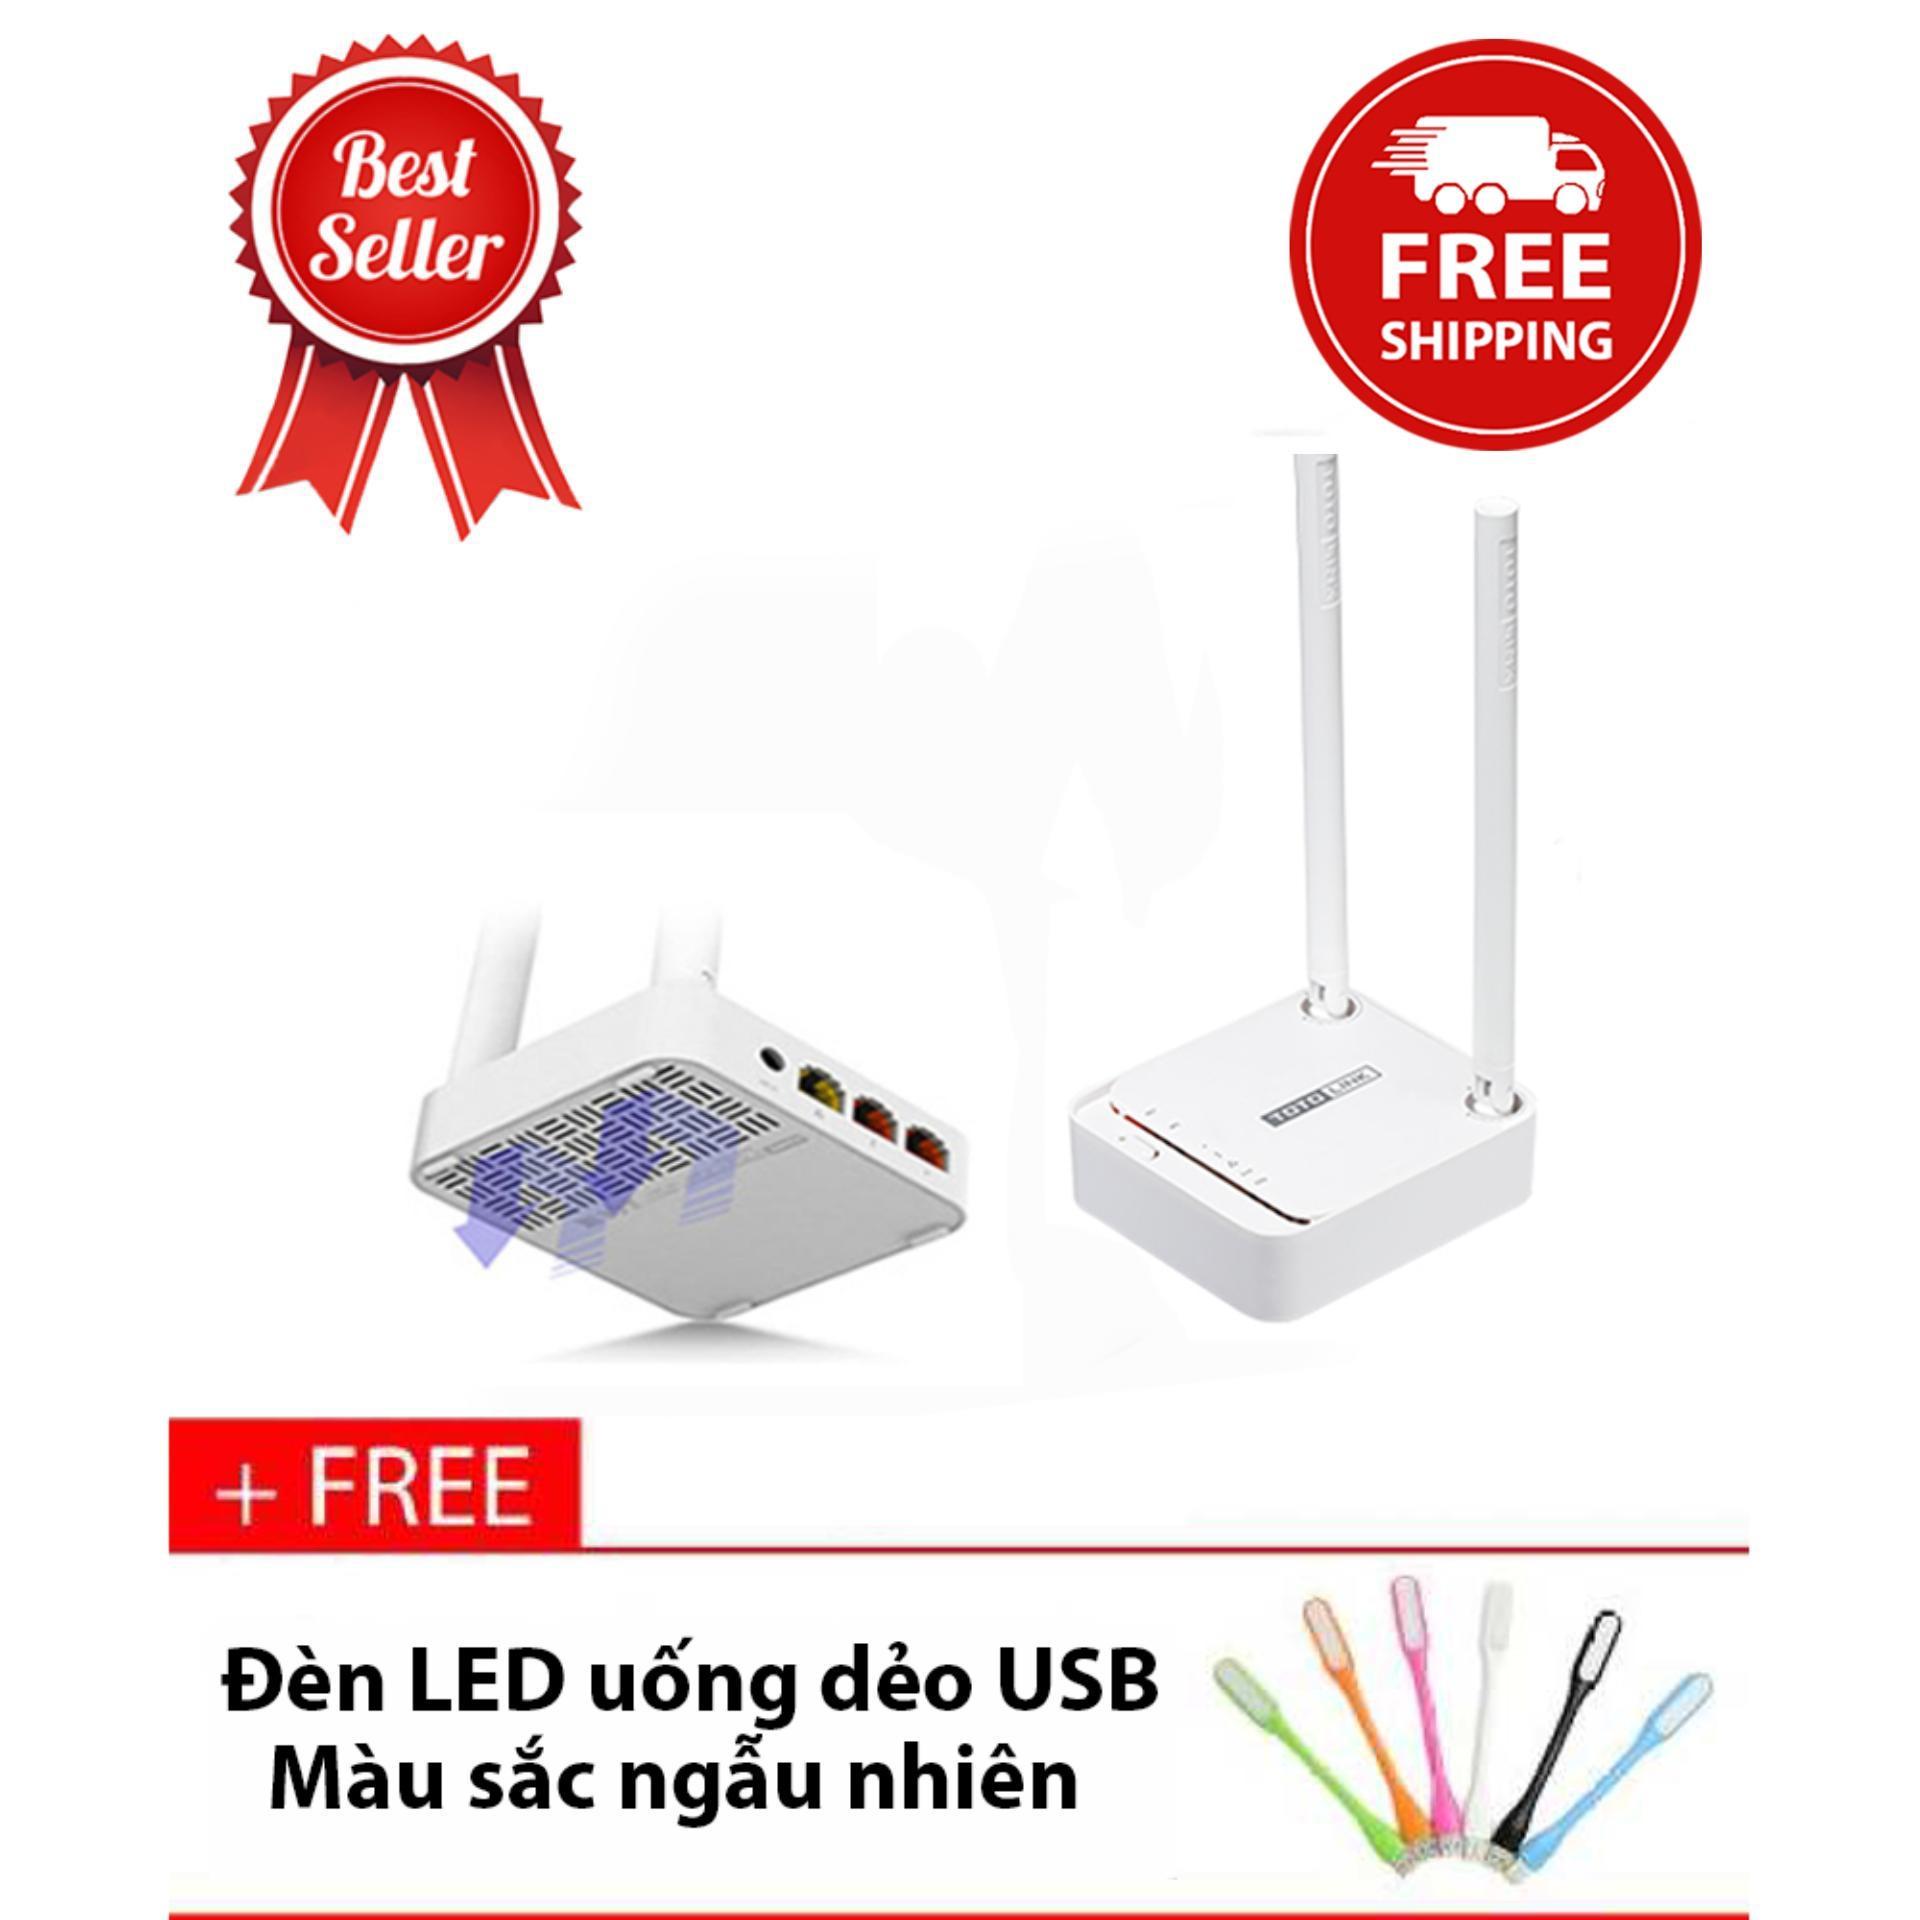 Thiết bị router phát wifi Totolink N200RE-V3 + Tặng đèn LED USB - Hãng phân phối chính thức